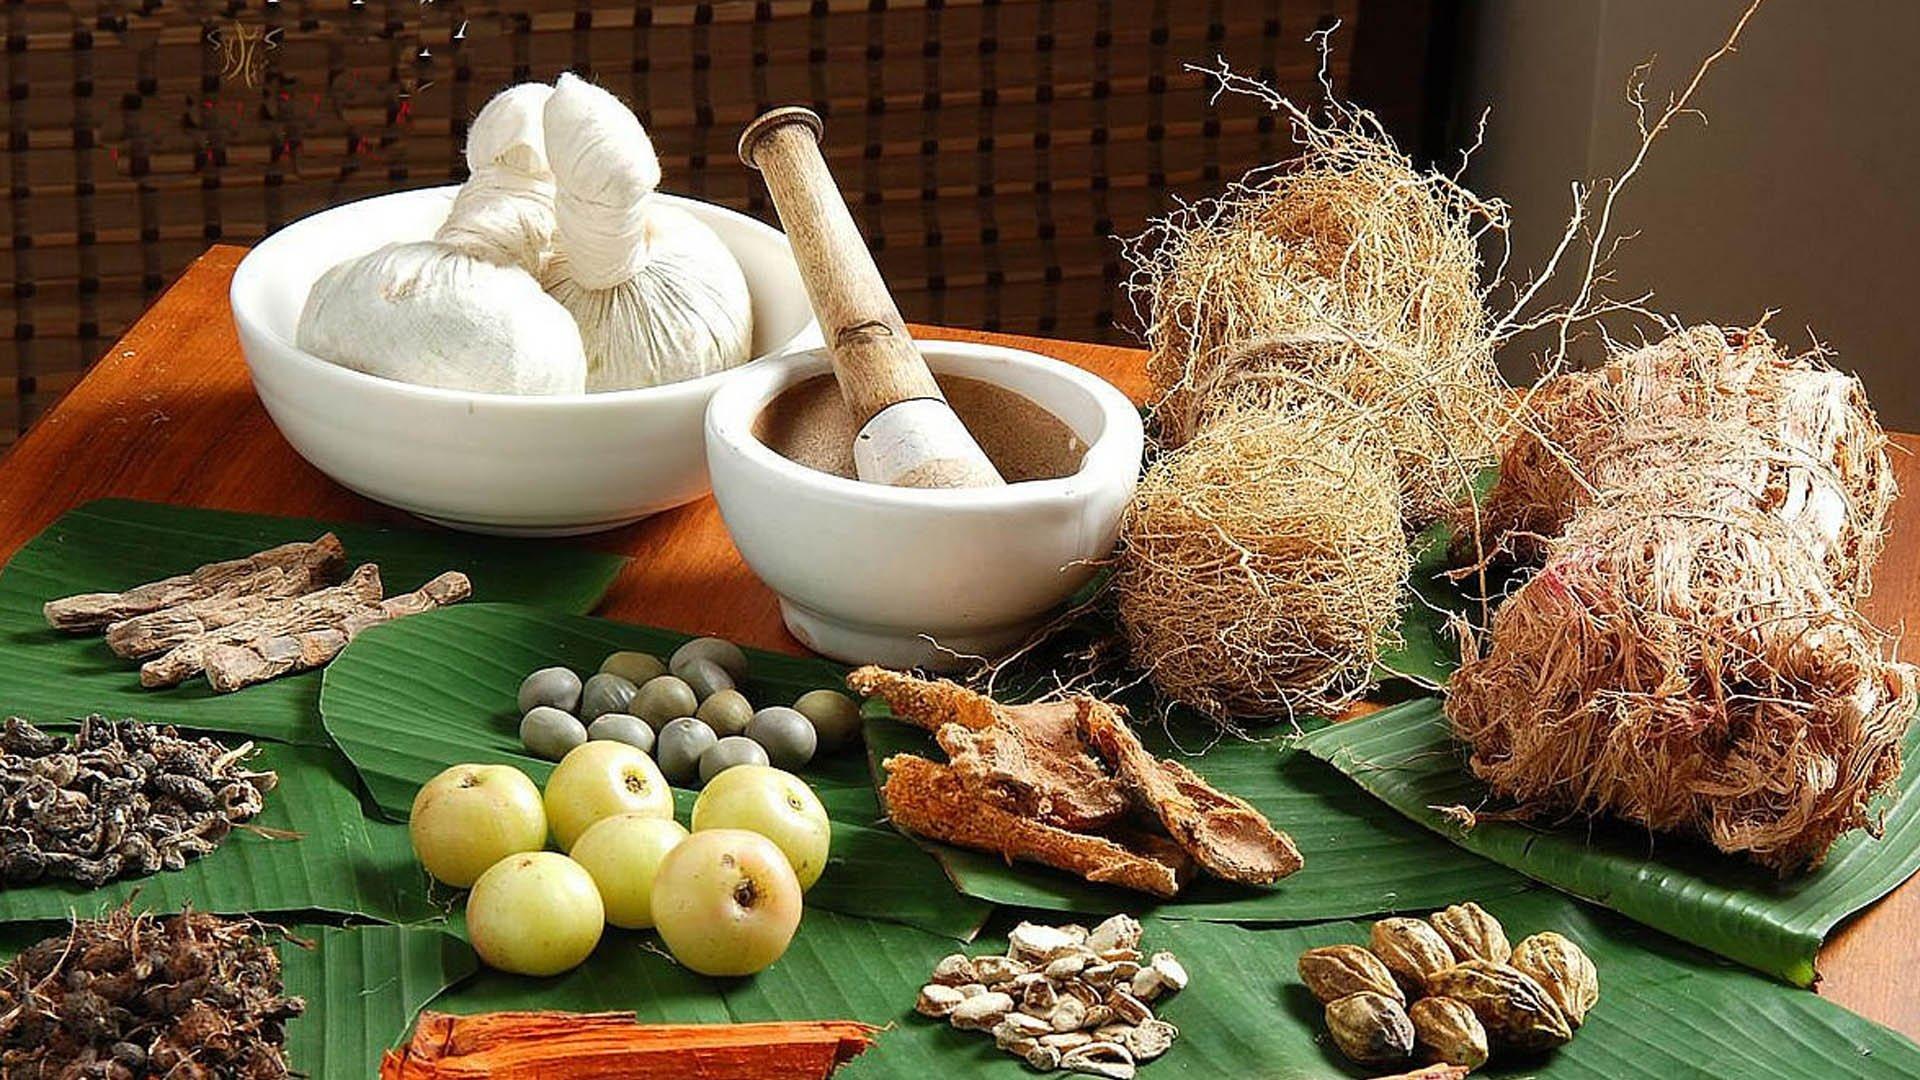 Лечение крапивницы народными средствами: эффективные методы и пошаговые рецепты